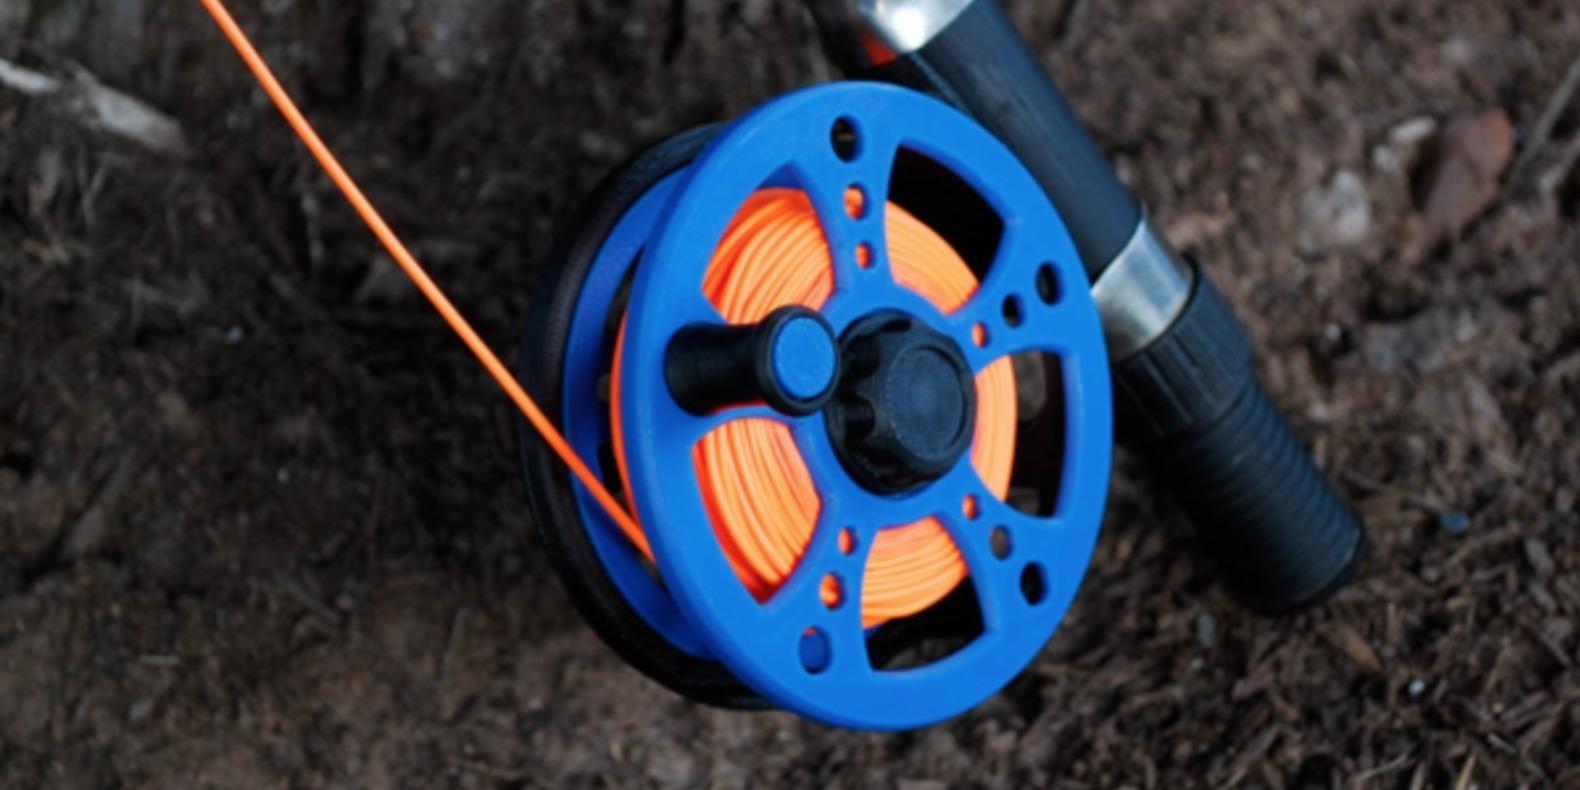 fly-fishing-pêche-à-la-mouche-fouet-leurre-moulinet-fichier-3D-imprimé-en-3D-cults-1.png